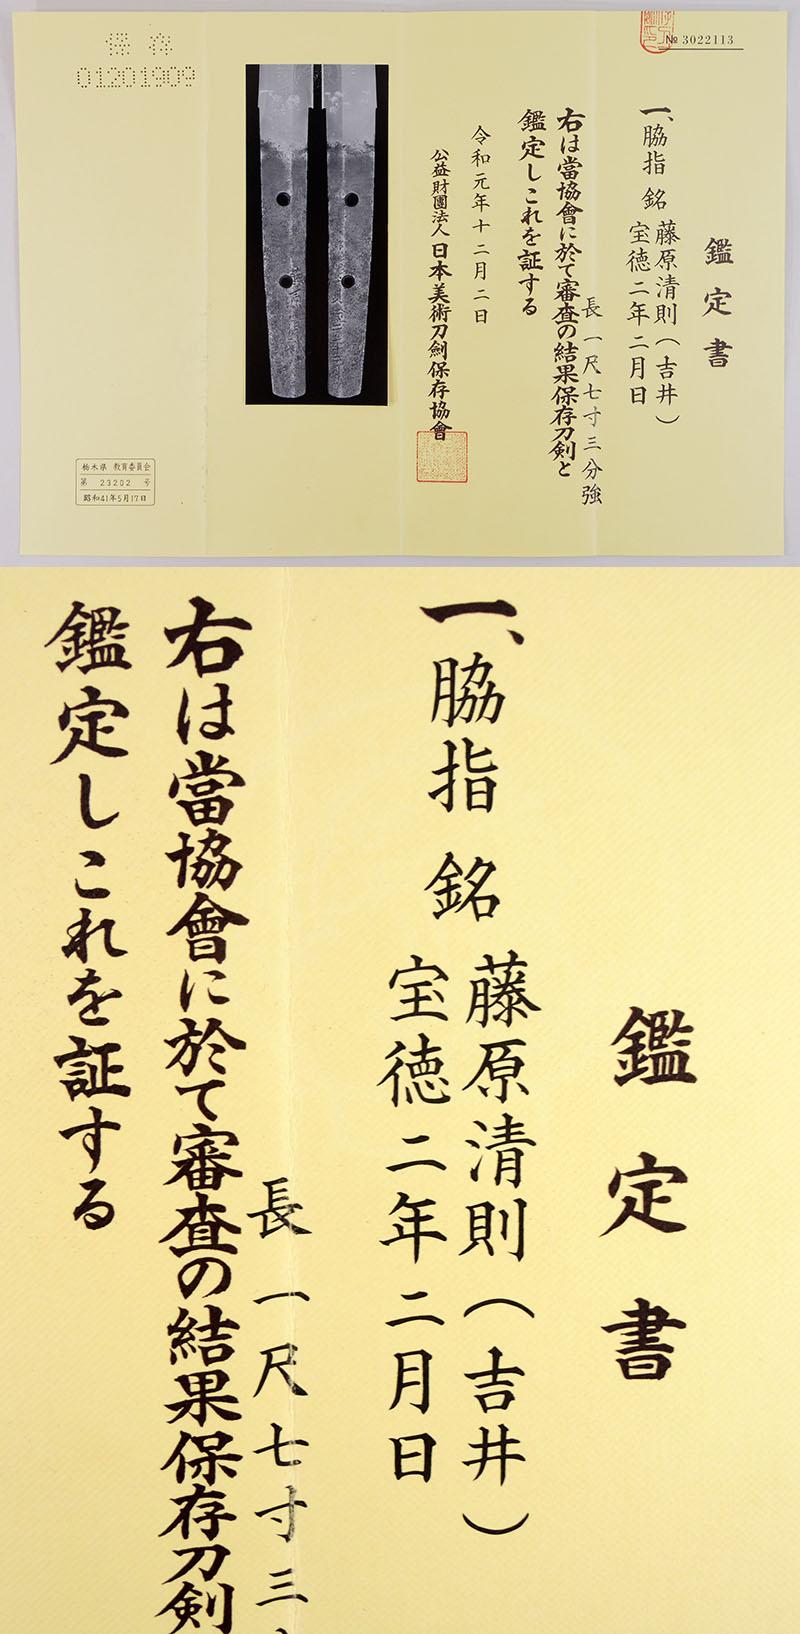 藤原清則(備前国吉井) Picture of Certificate